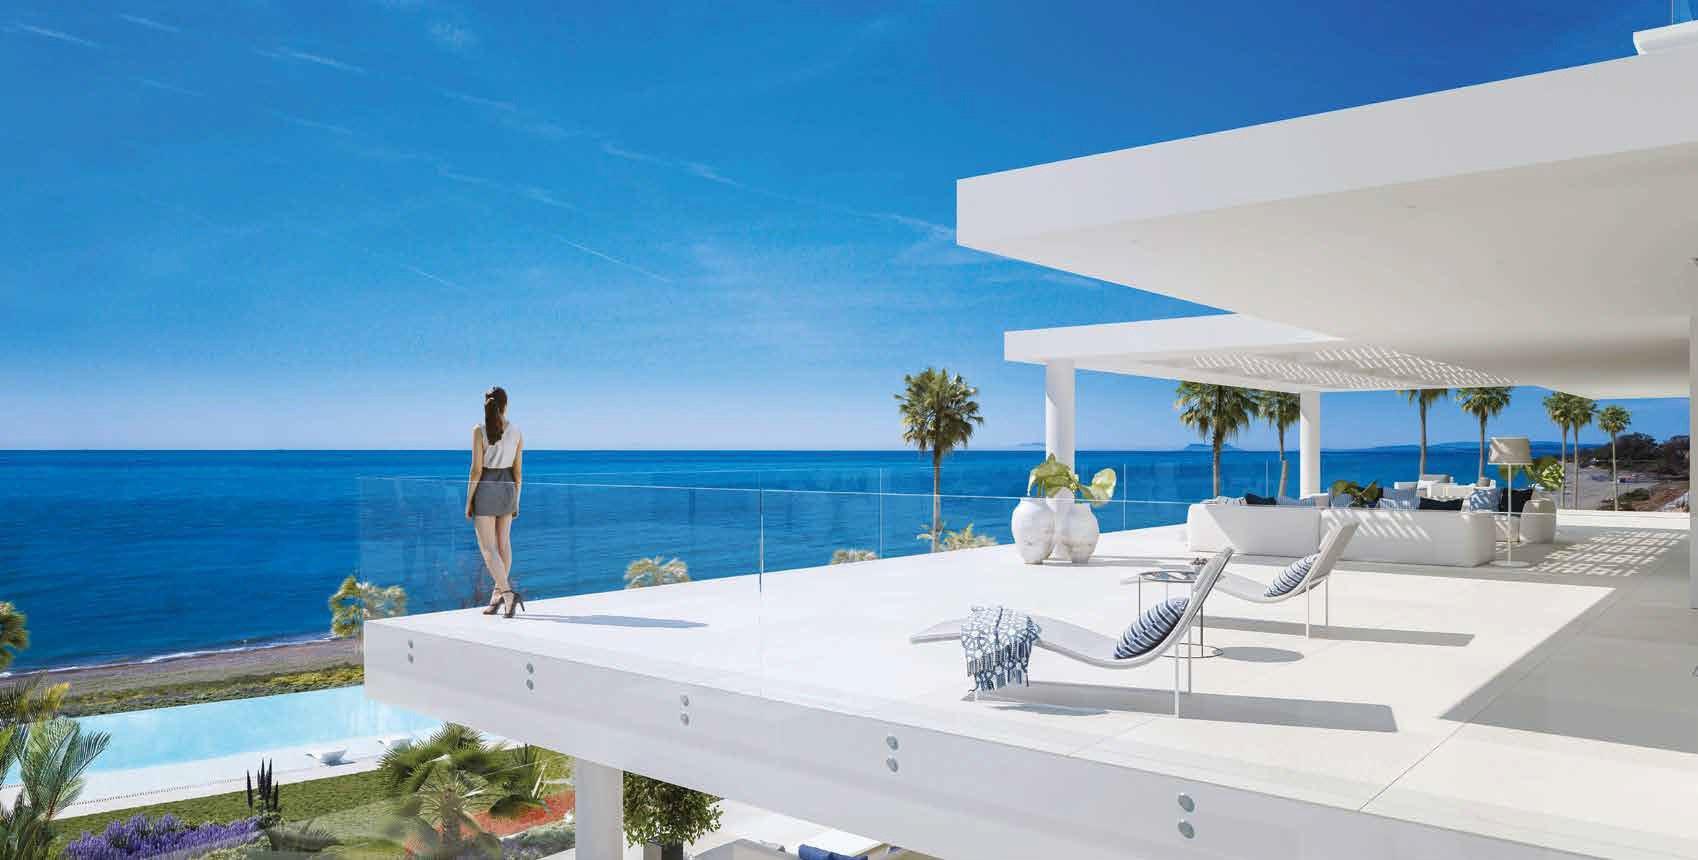 De Belg is een belangrijke en graag geziene vastgoedinvesteerder in Spanje